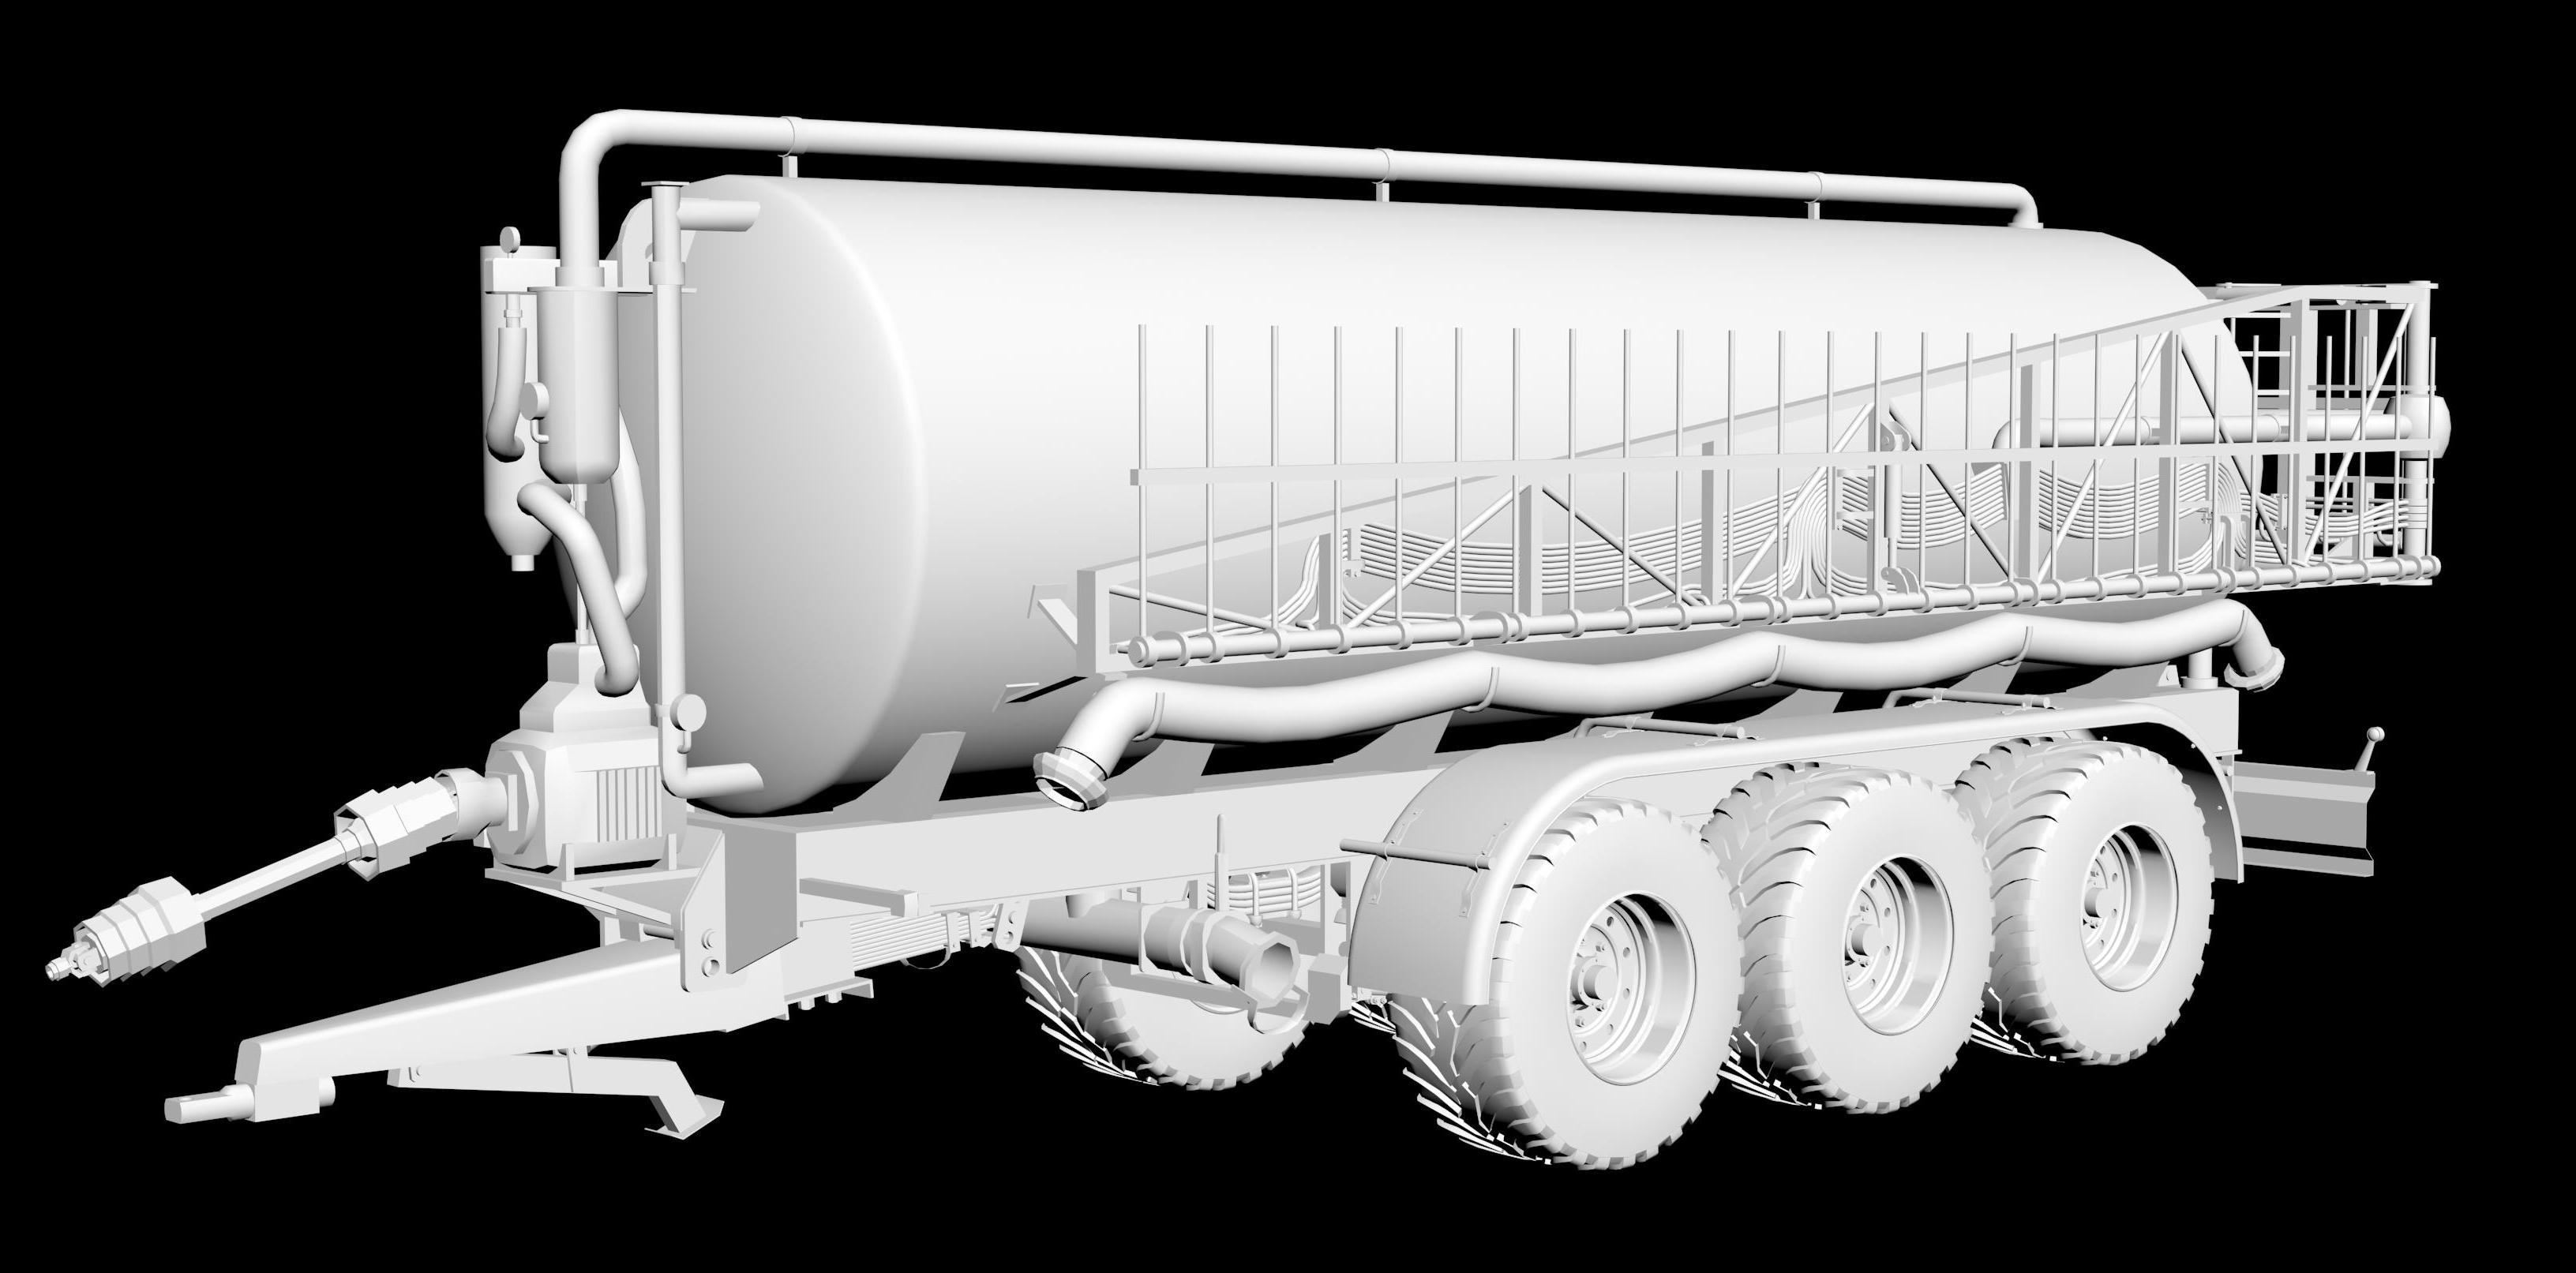 [Encuesta][T.E.P.] Proyecto Aguas Tenias (22 modelos + 1 Camión) [Terminado 21-4-2014]. - Página 5 Cistermatridendebrazoe2uor